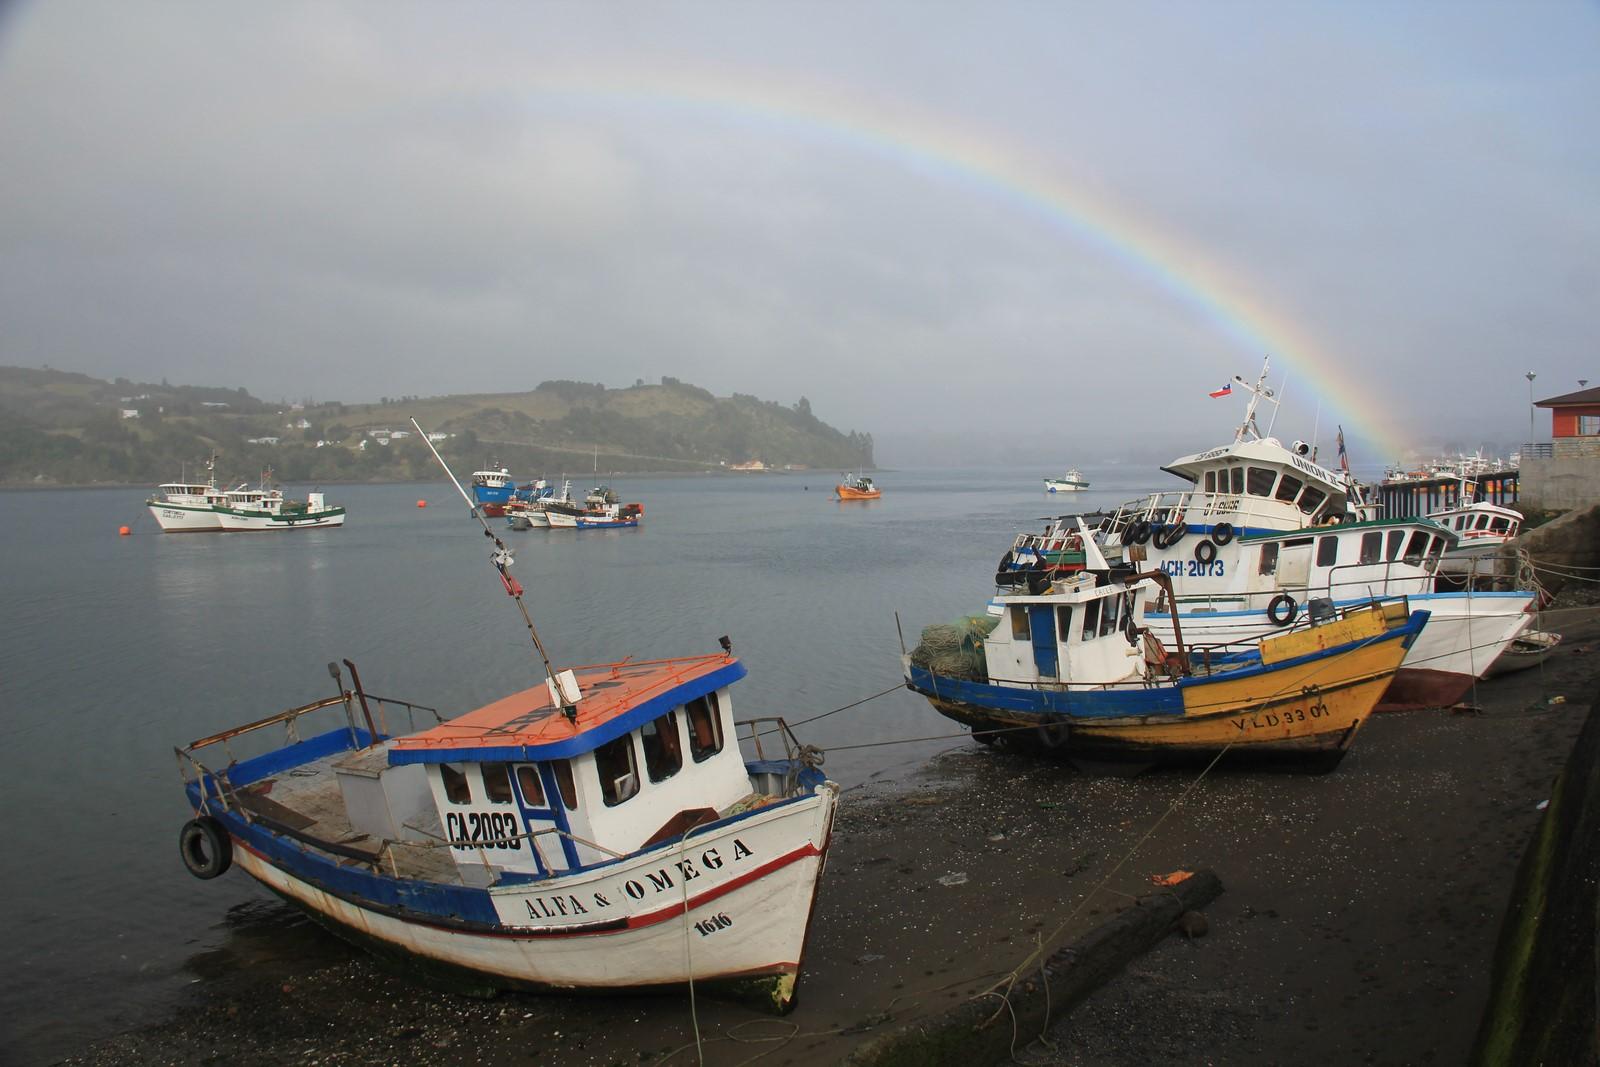 Jours 252 à 254 : L'île de Chiloé, un condensé de couleurs et de vie locale…